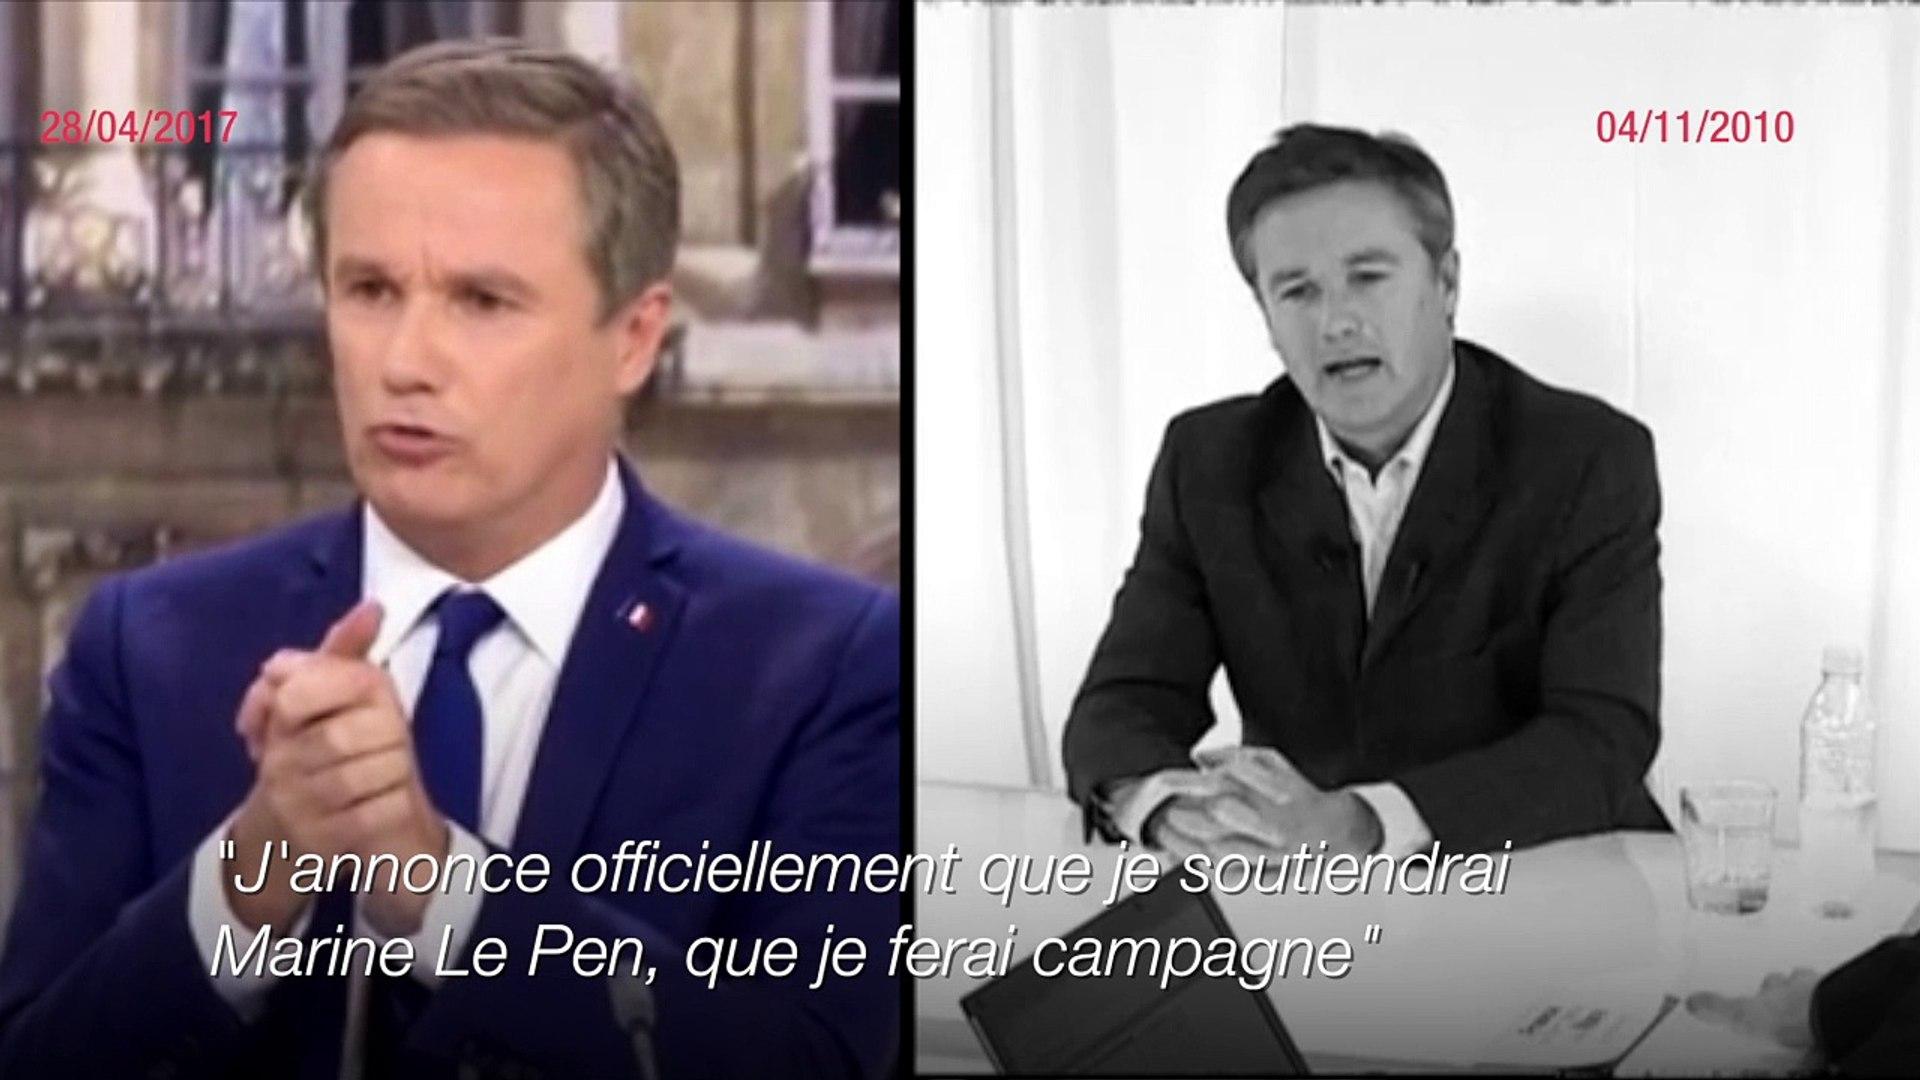 Miroir mon beau miroir: quand Dupont-Aignan excluait de rejoindre le Front national